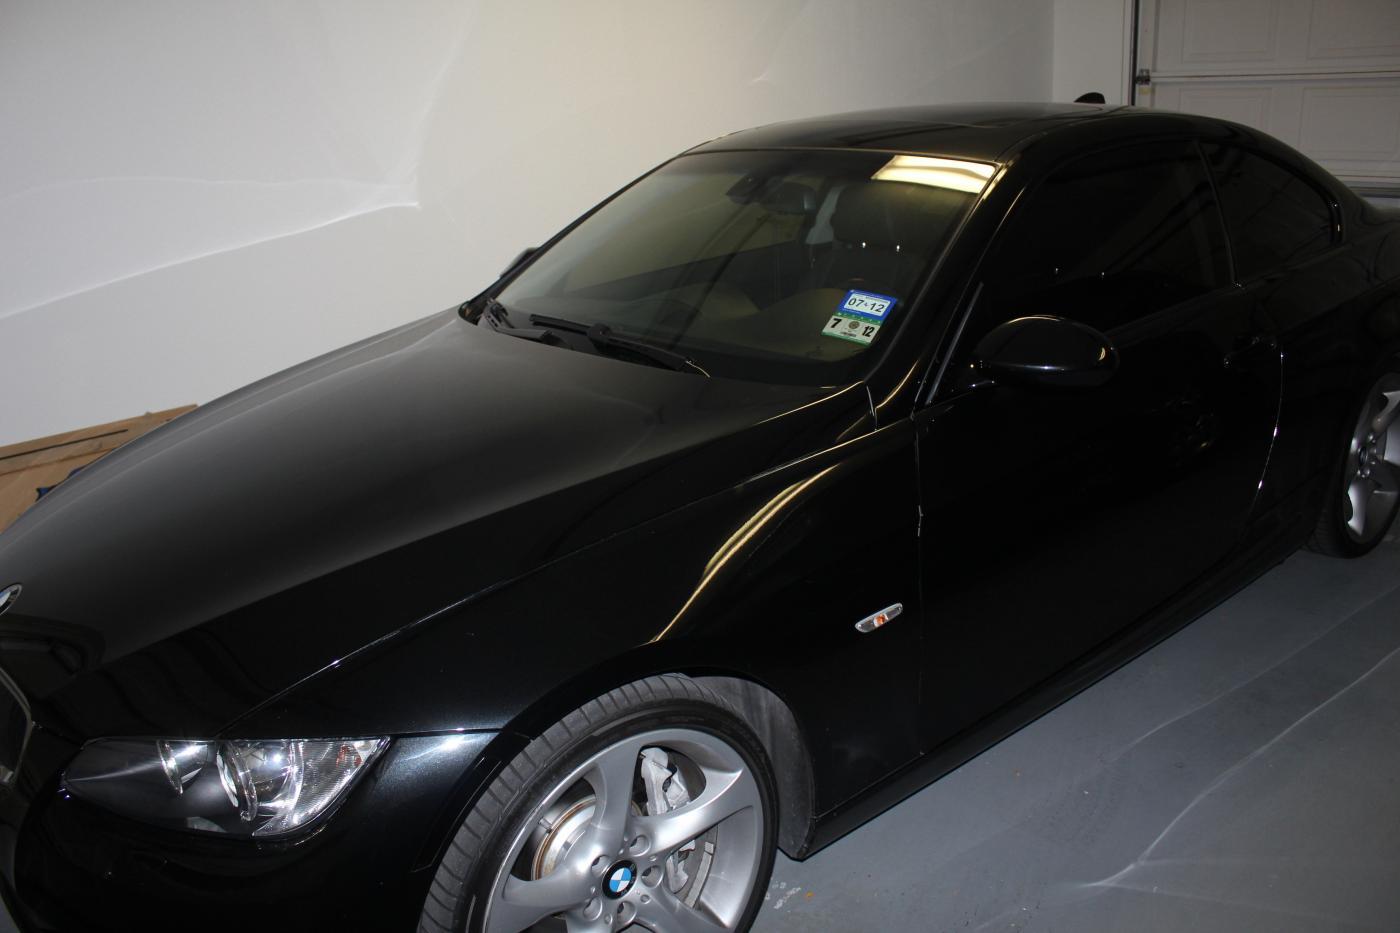 All Black BMW Emblem Or All Carbon Fiber Black BMW Emblem Pics Inside - All black bmw